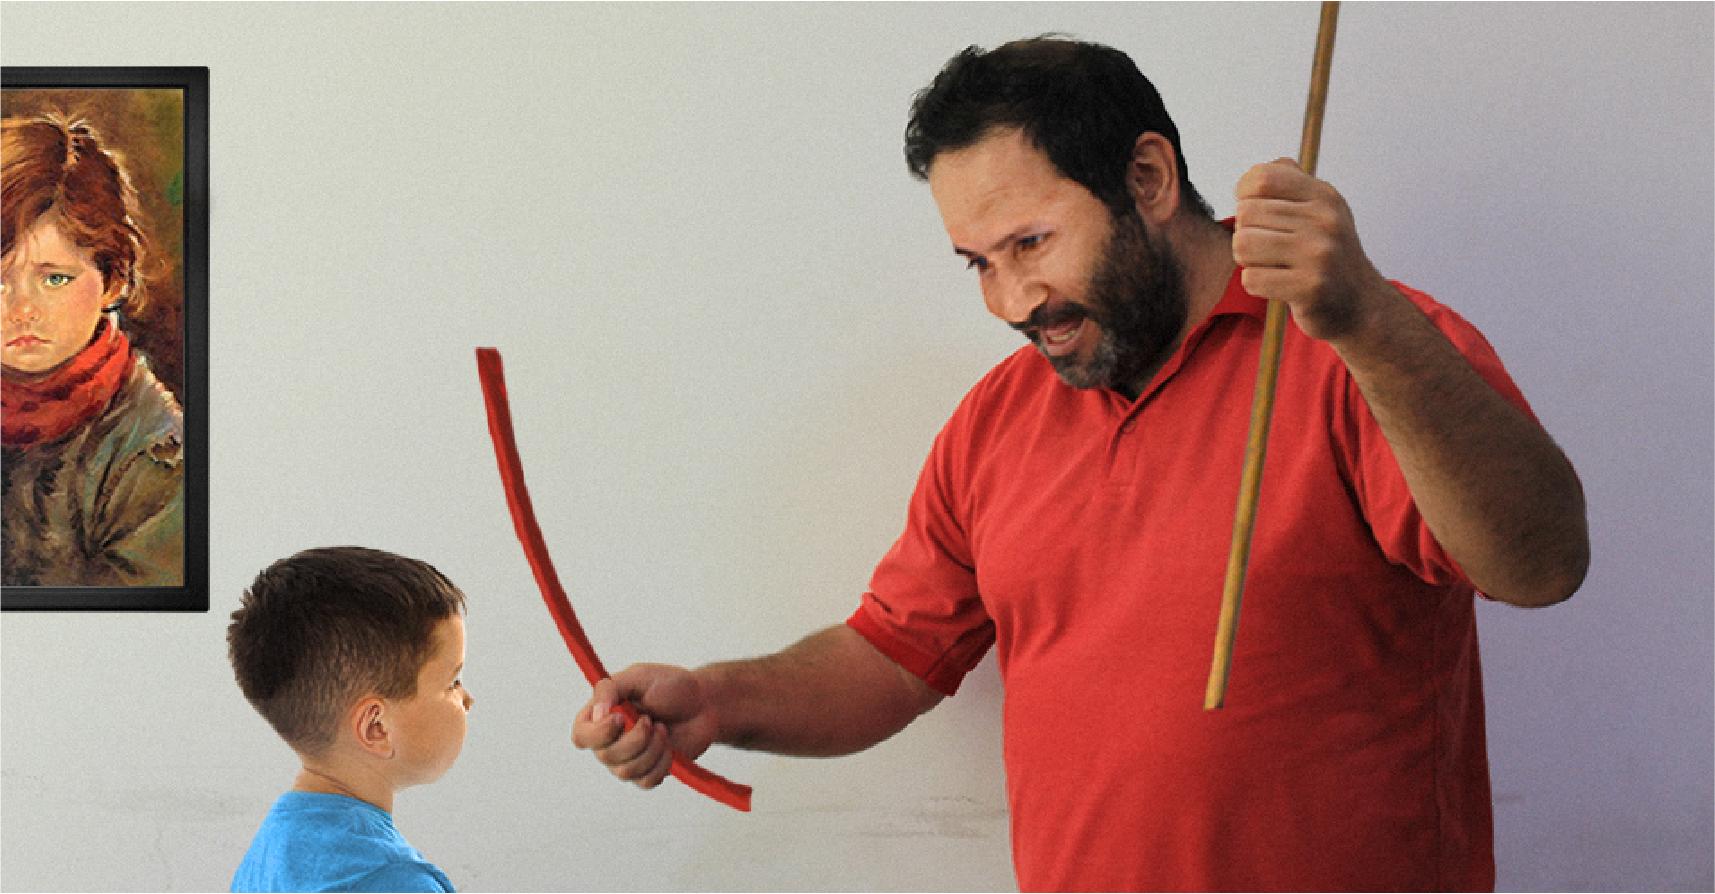 صورة أب يخيّر ابنه بين البربيش والخيزرانة ليعطيه مجالاً للتعبير عن رأيه